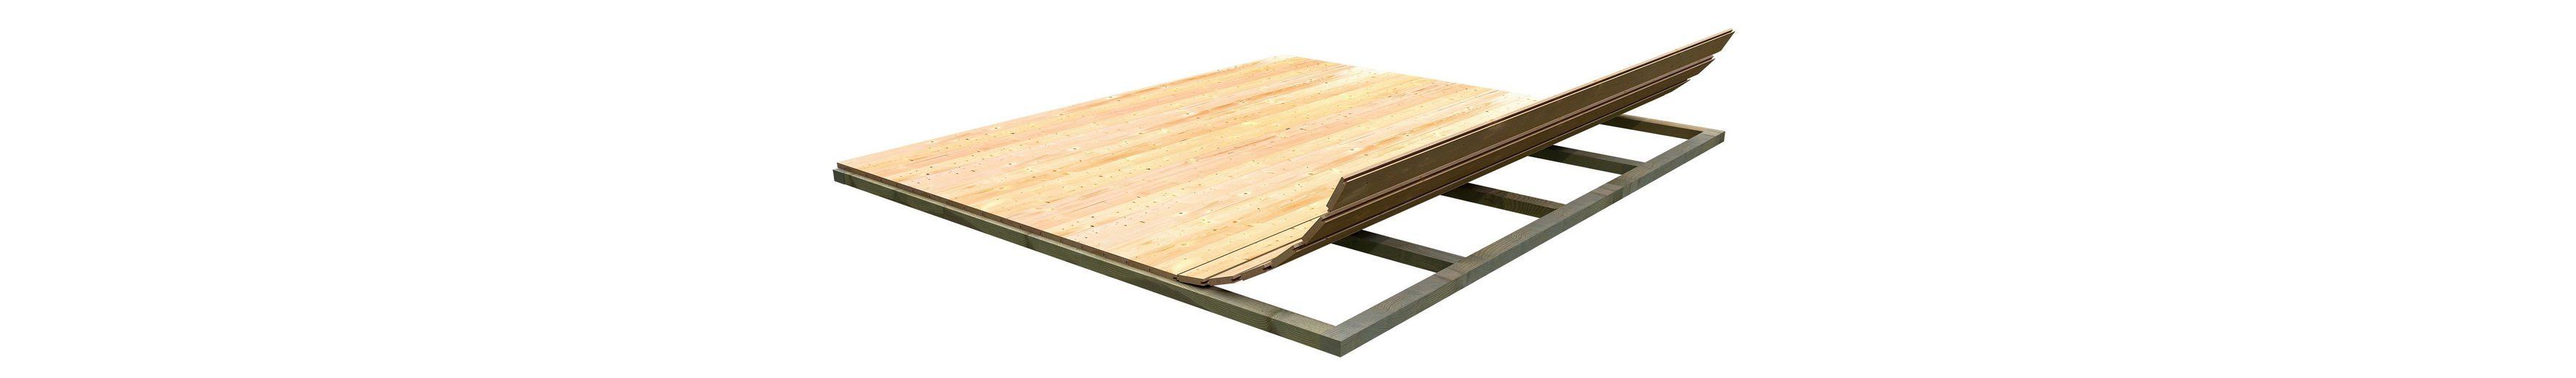 Fußboden für Gartenhäuser, BxT: 181x442 cm